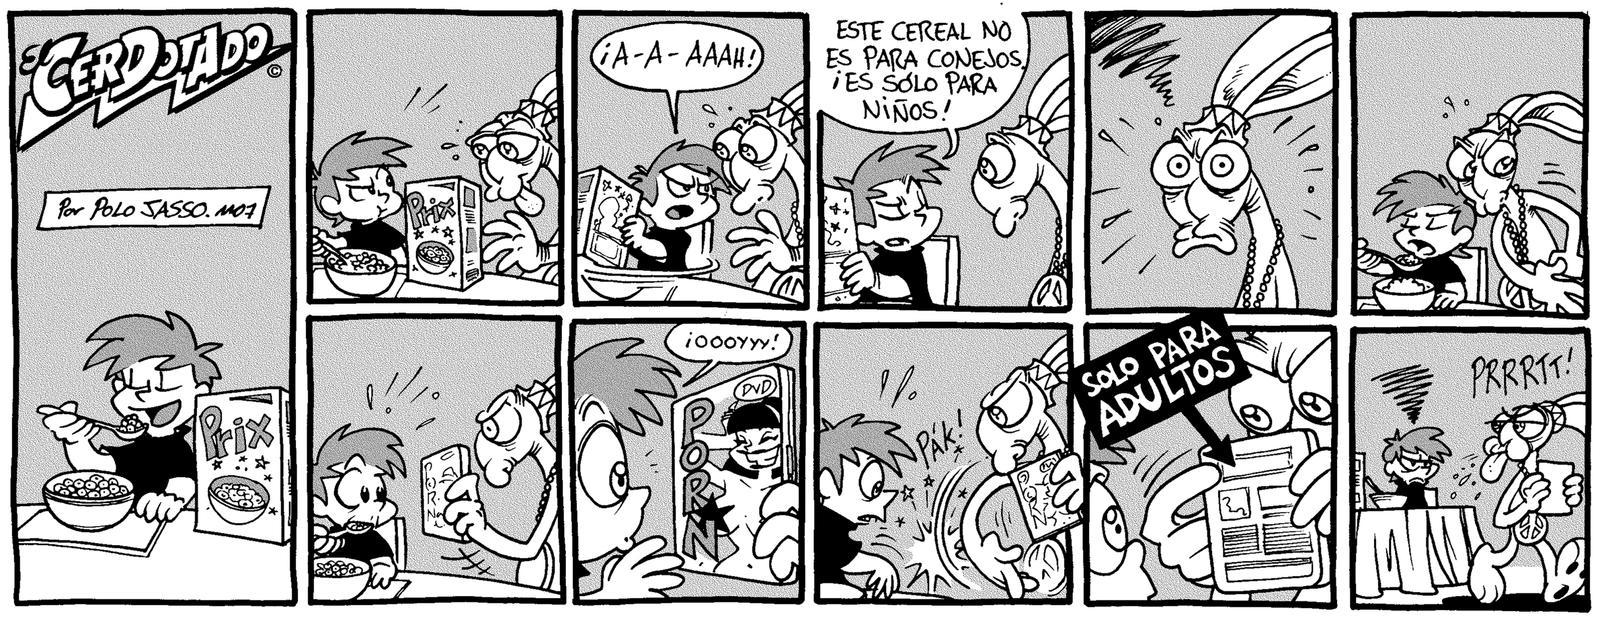 La venganza del conejo. by POLO-JASSO